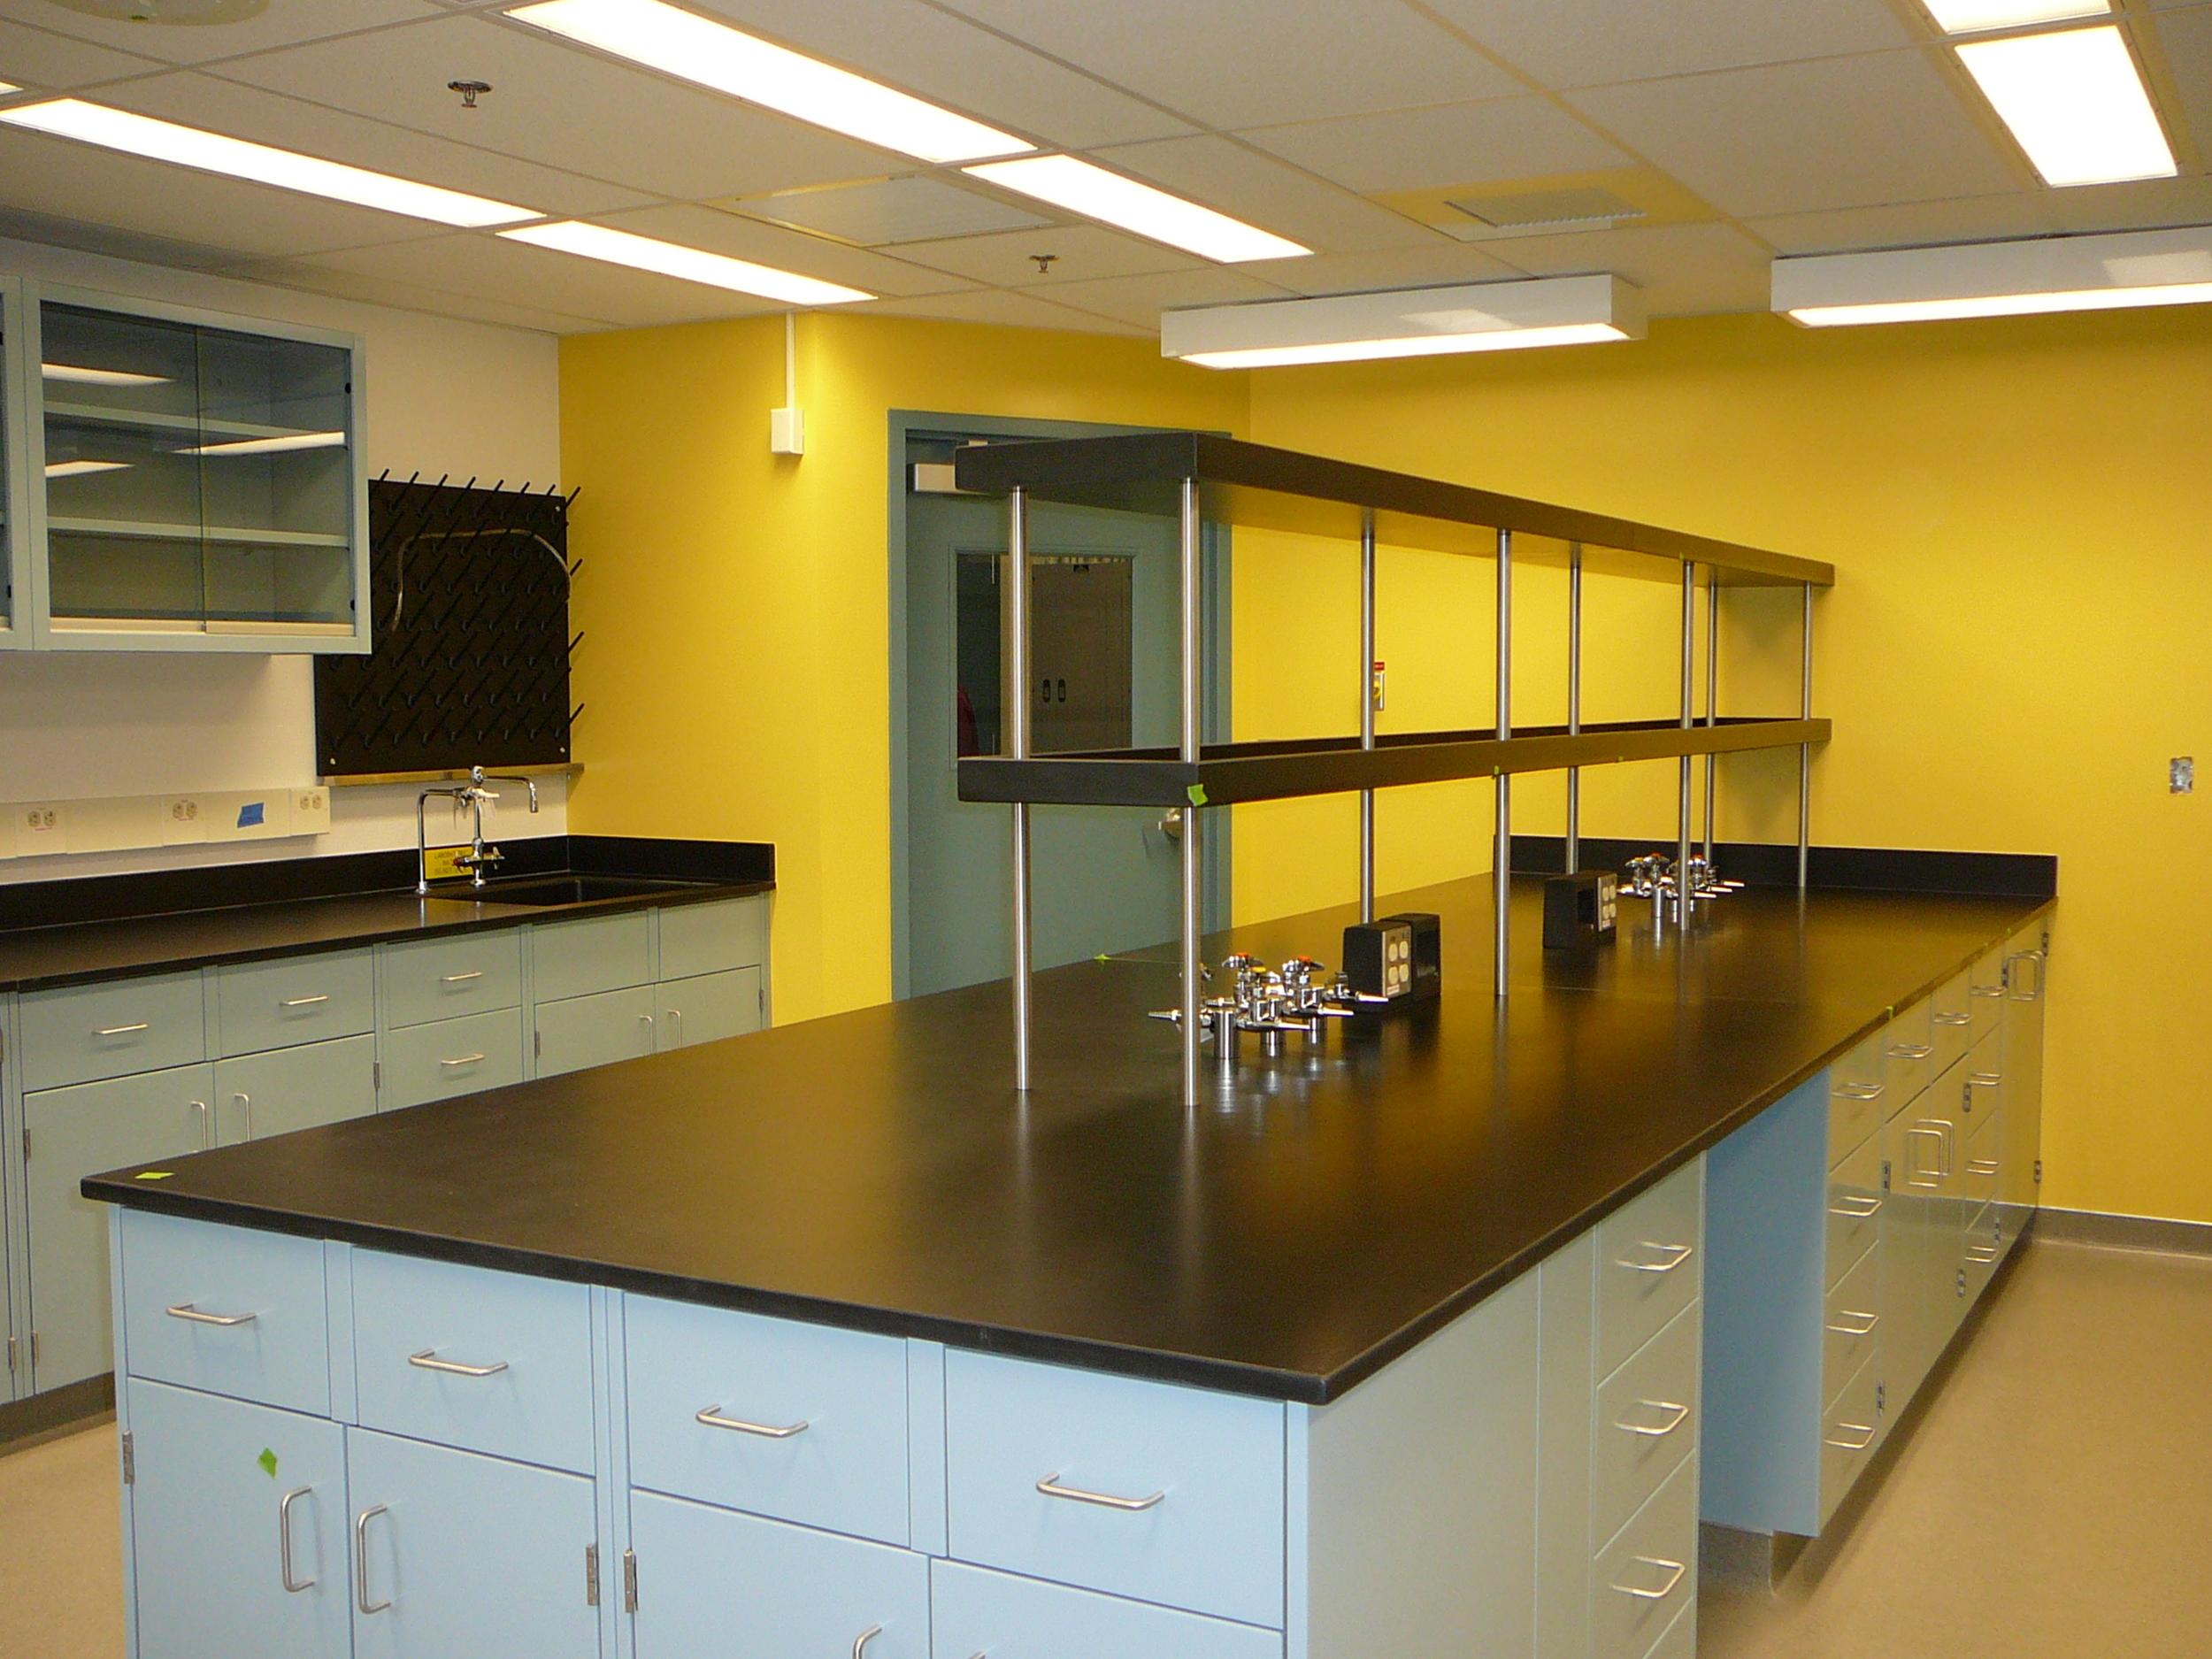 EPA Region 10 Manchester CWA Laboratory | Port Orchard, WA